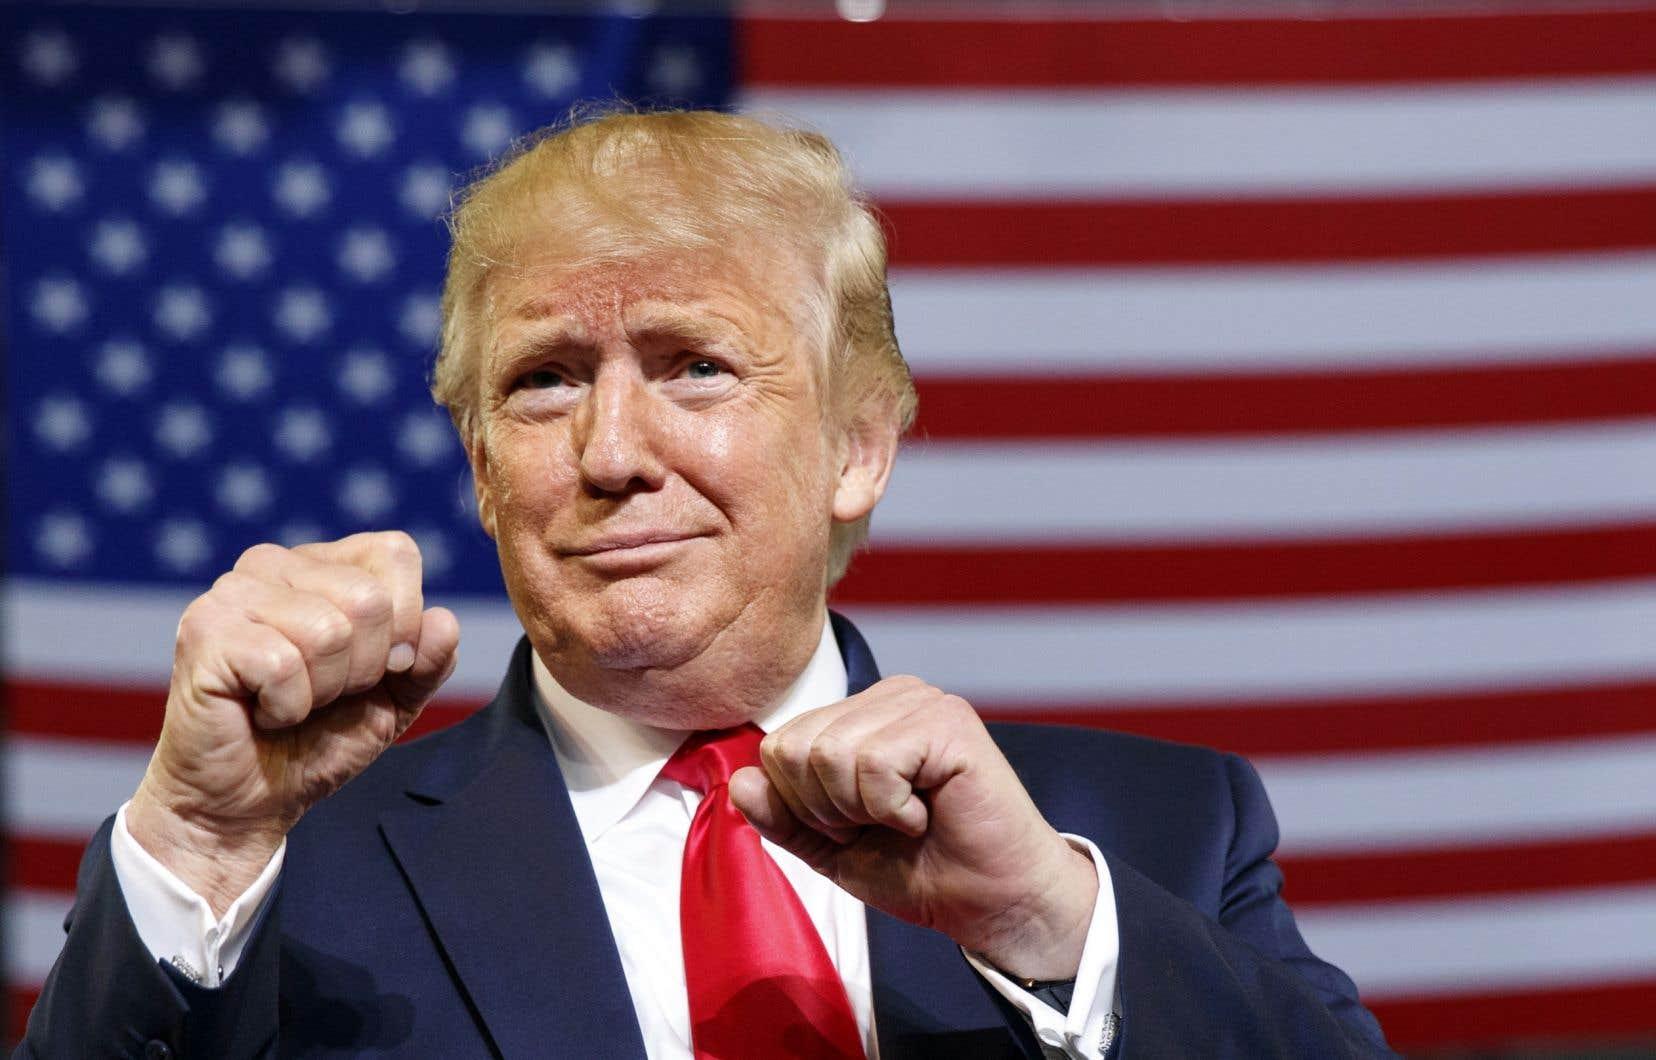 Le milliardaire républicain Donald Trump galvanisant sa base électorale dans un rassemblement à Greenville, en Caroline du Nord